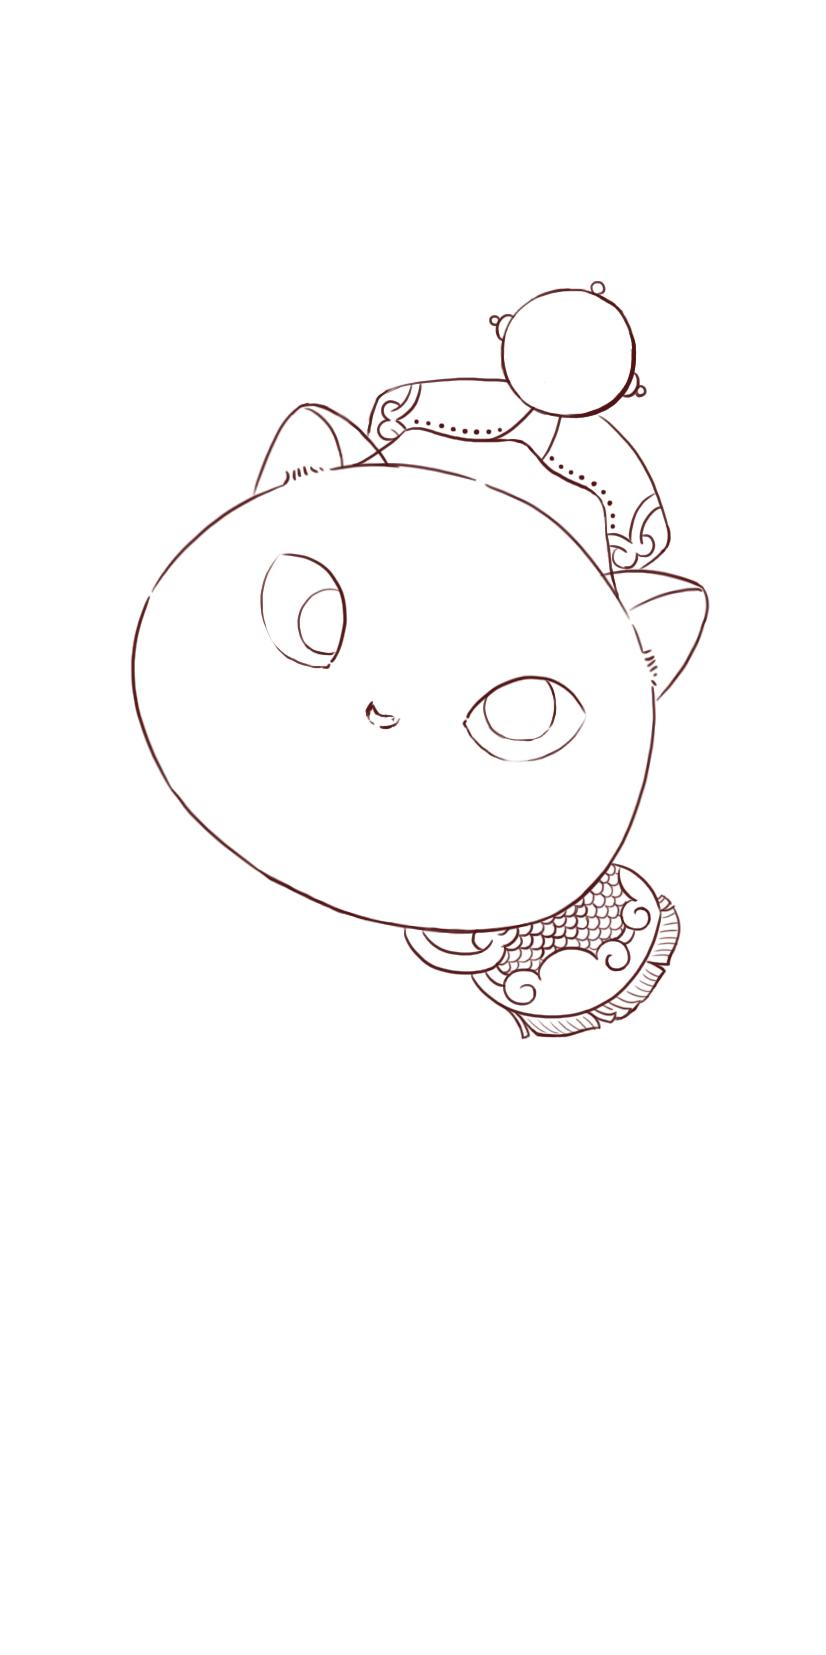 画出豌豆花的基本结构